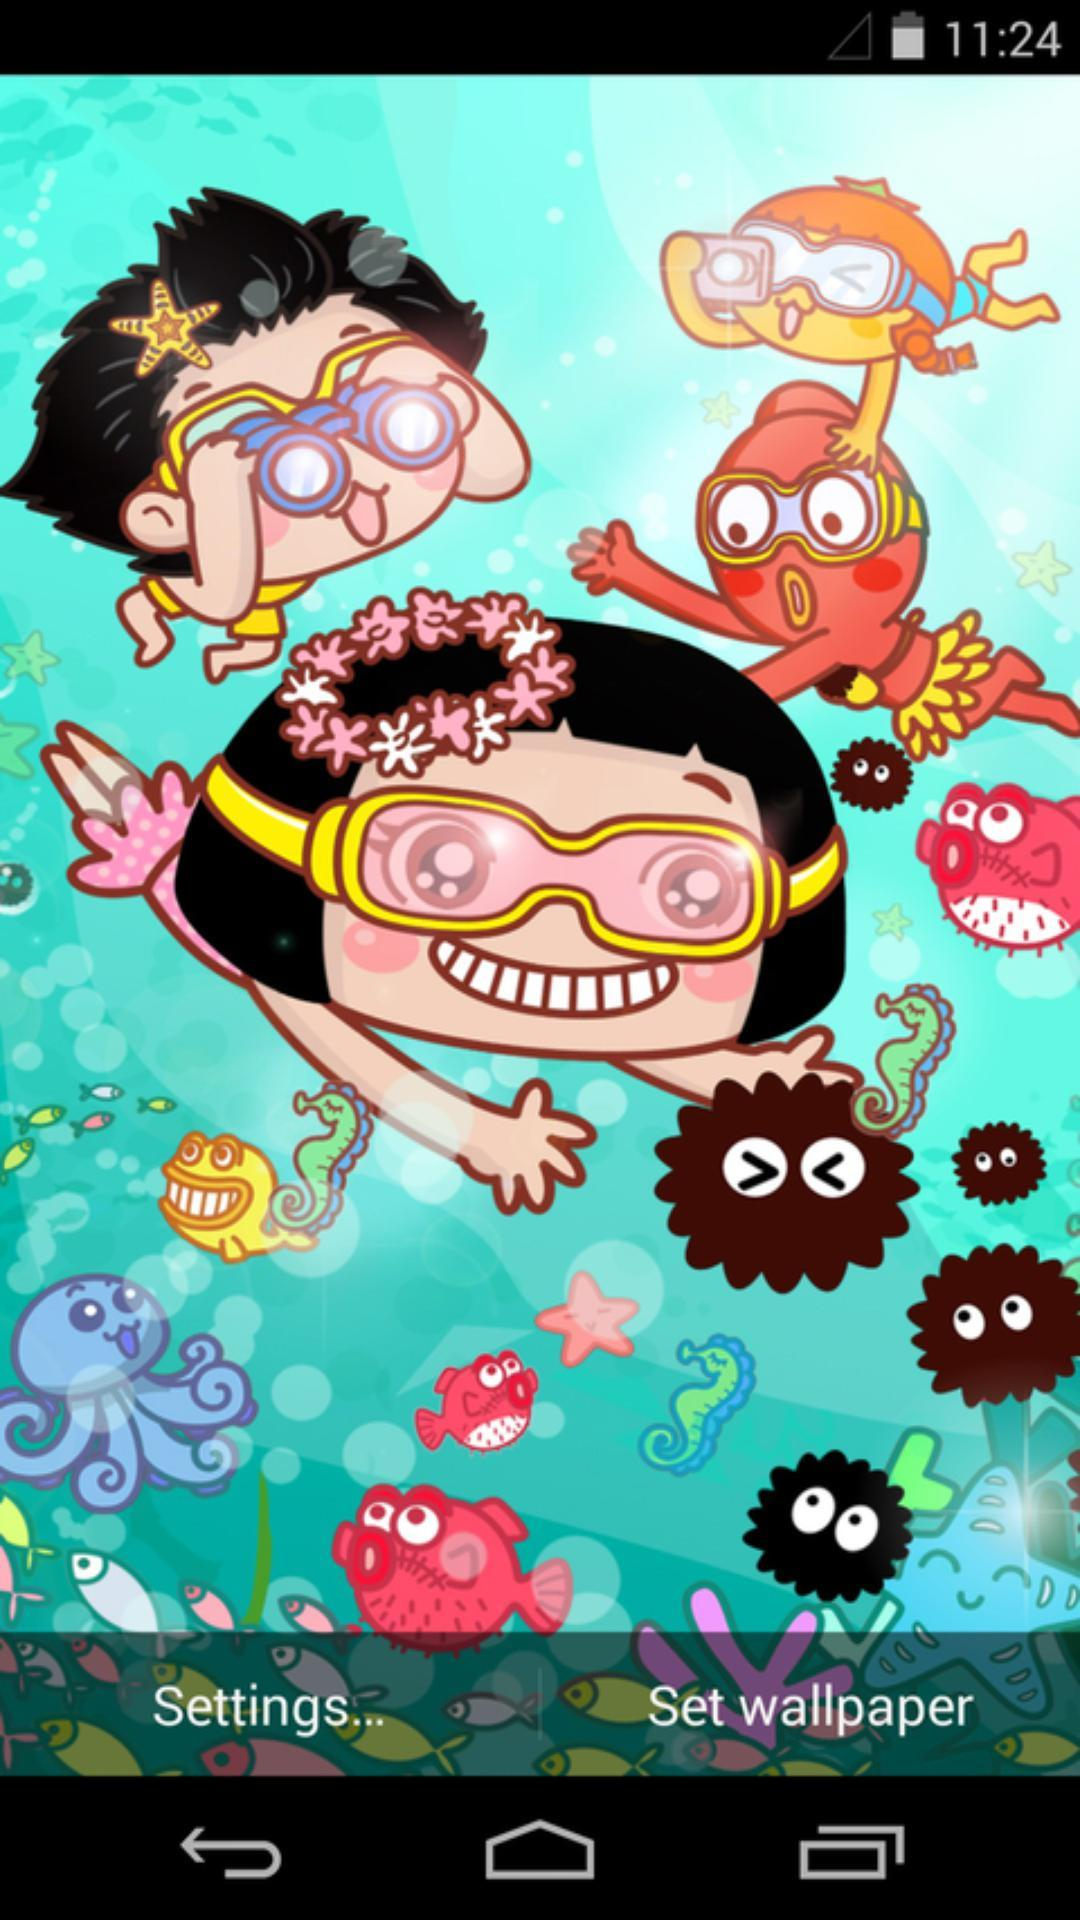 菜菜-海底世界-梦象动态壁